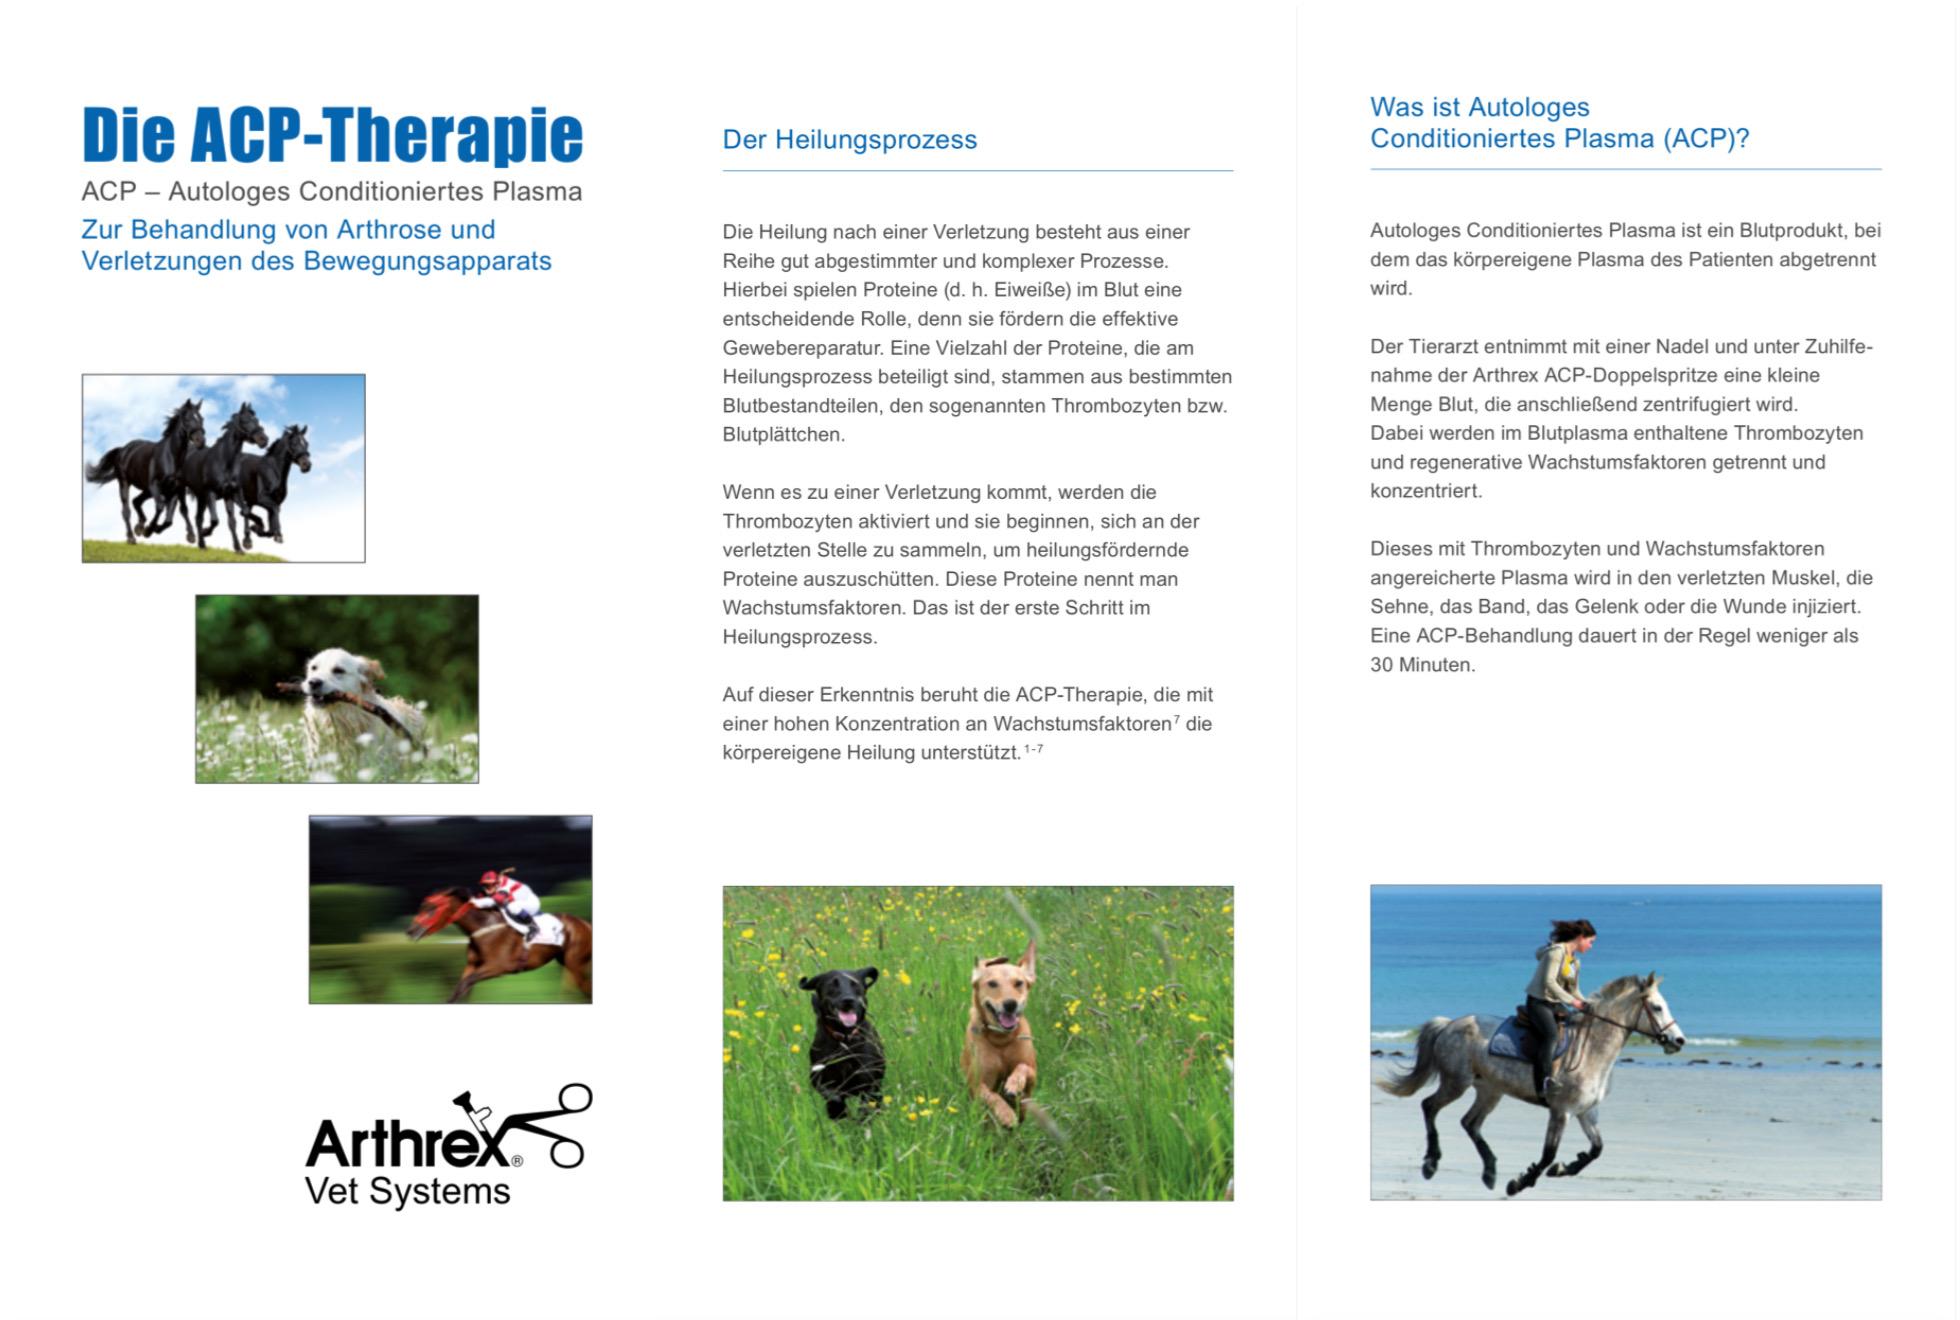 Tierarzt für Pferde - die mobile Pferde-Praxis 67604603 5BF2 4424 A3DC FAB8B57D9D80